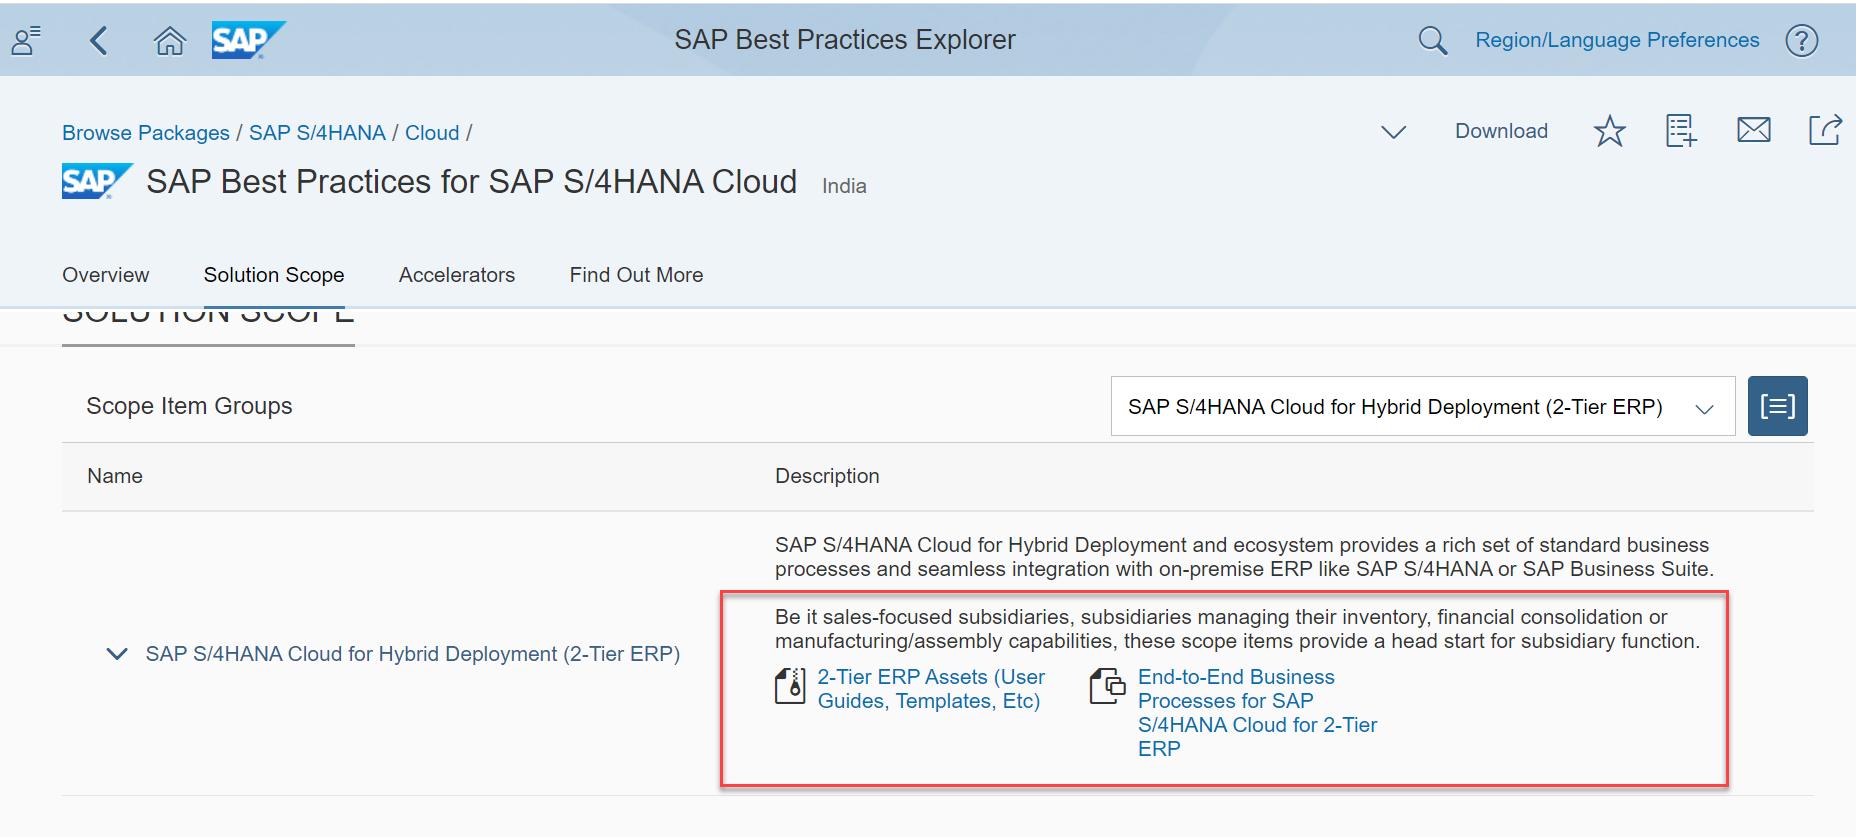 SAP%20Best%20Practice%20Explorer